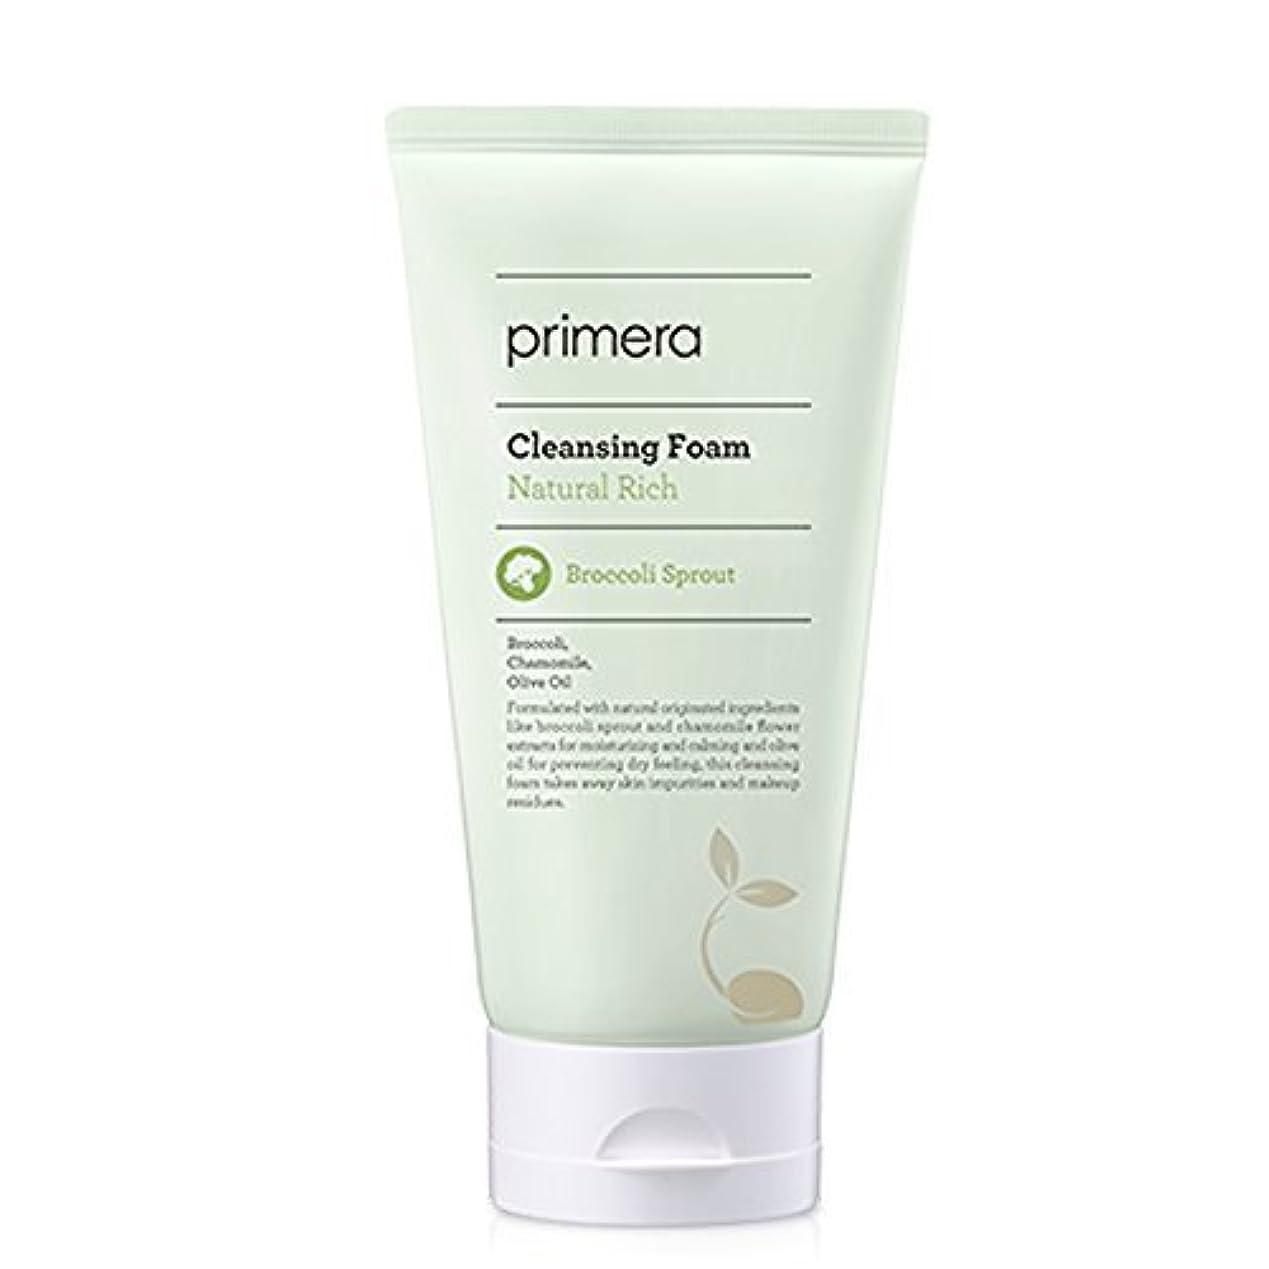 コンテンポラリーブランク移植Primera Technology [プリメーラ]自然の豊かなクレンジング フォーム 150 Ml [並行輸入品]